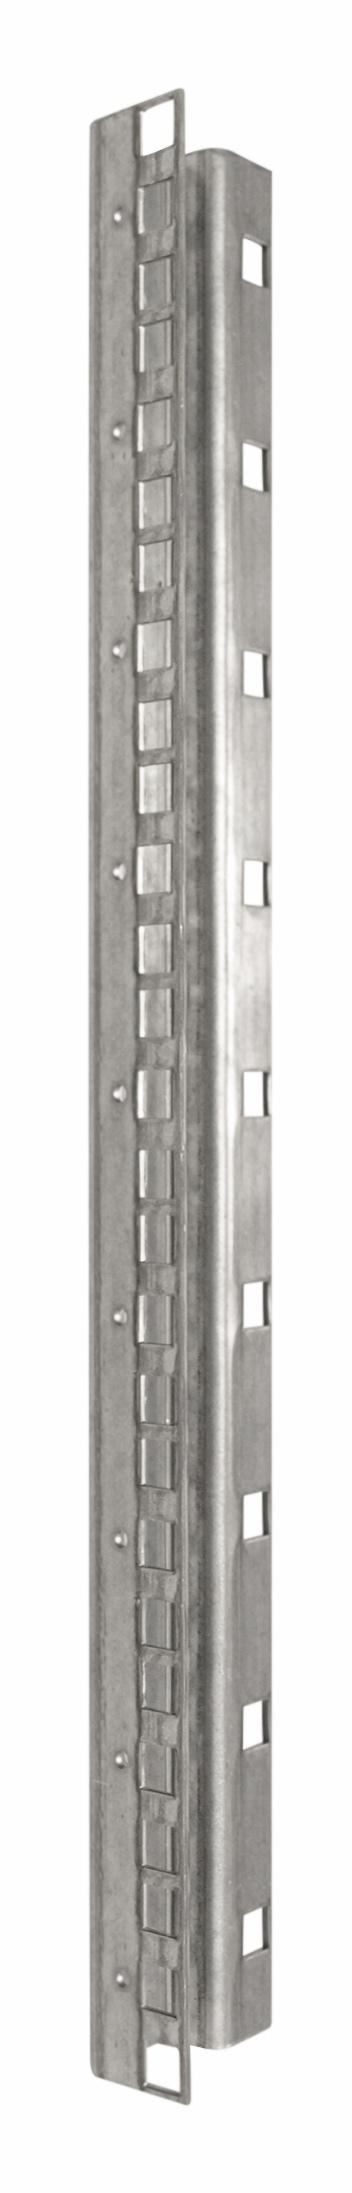 1 Stk 19 Profilschiene 32HE für DS-, DSZ- und DSI-Schränke DSPROF32--